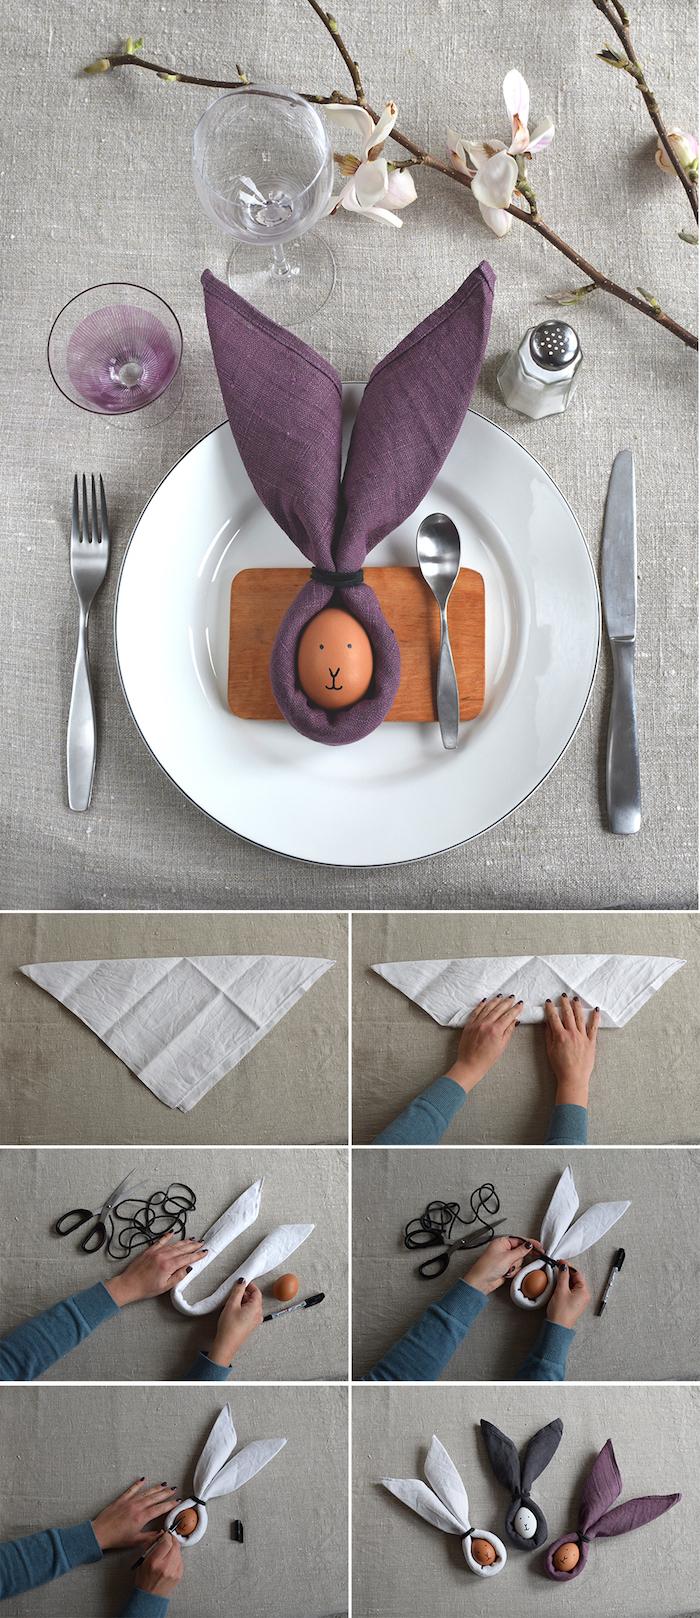 Pliage Serviette Papier Avec Couverts ▷ 1001 + tutoriels et modèles de pliage de serviette en